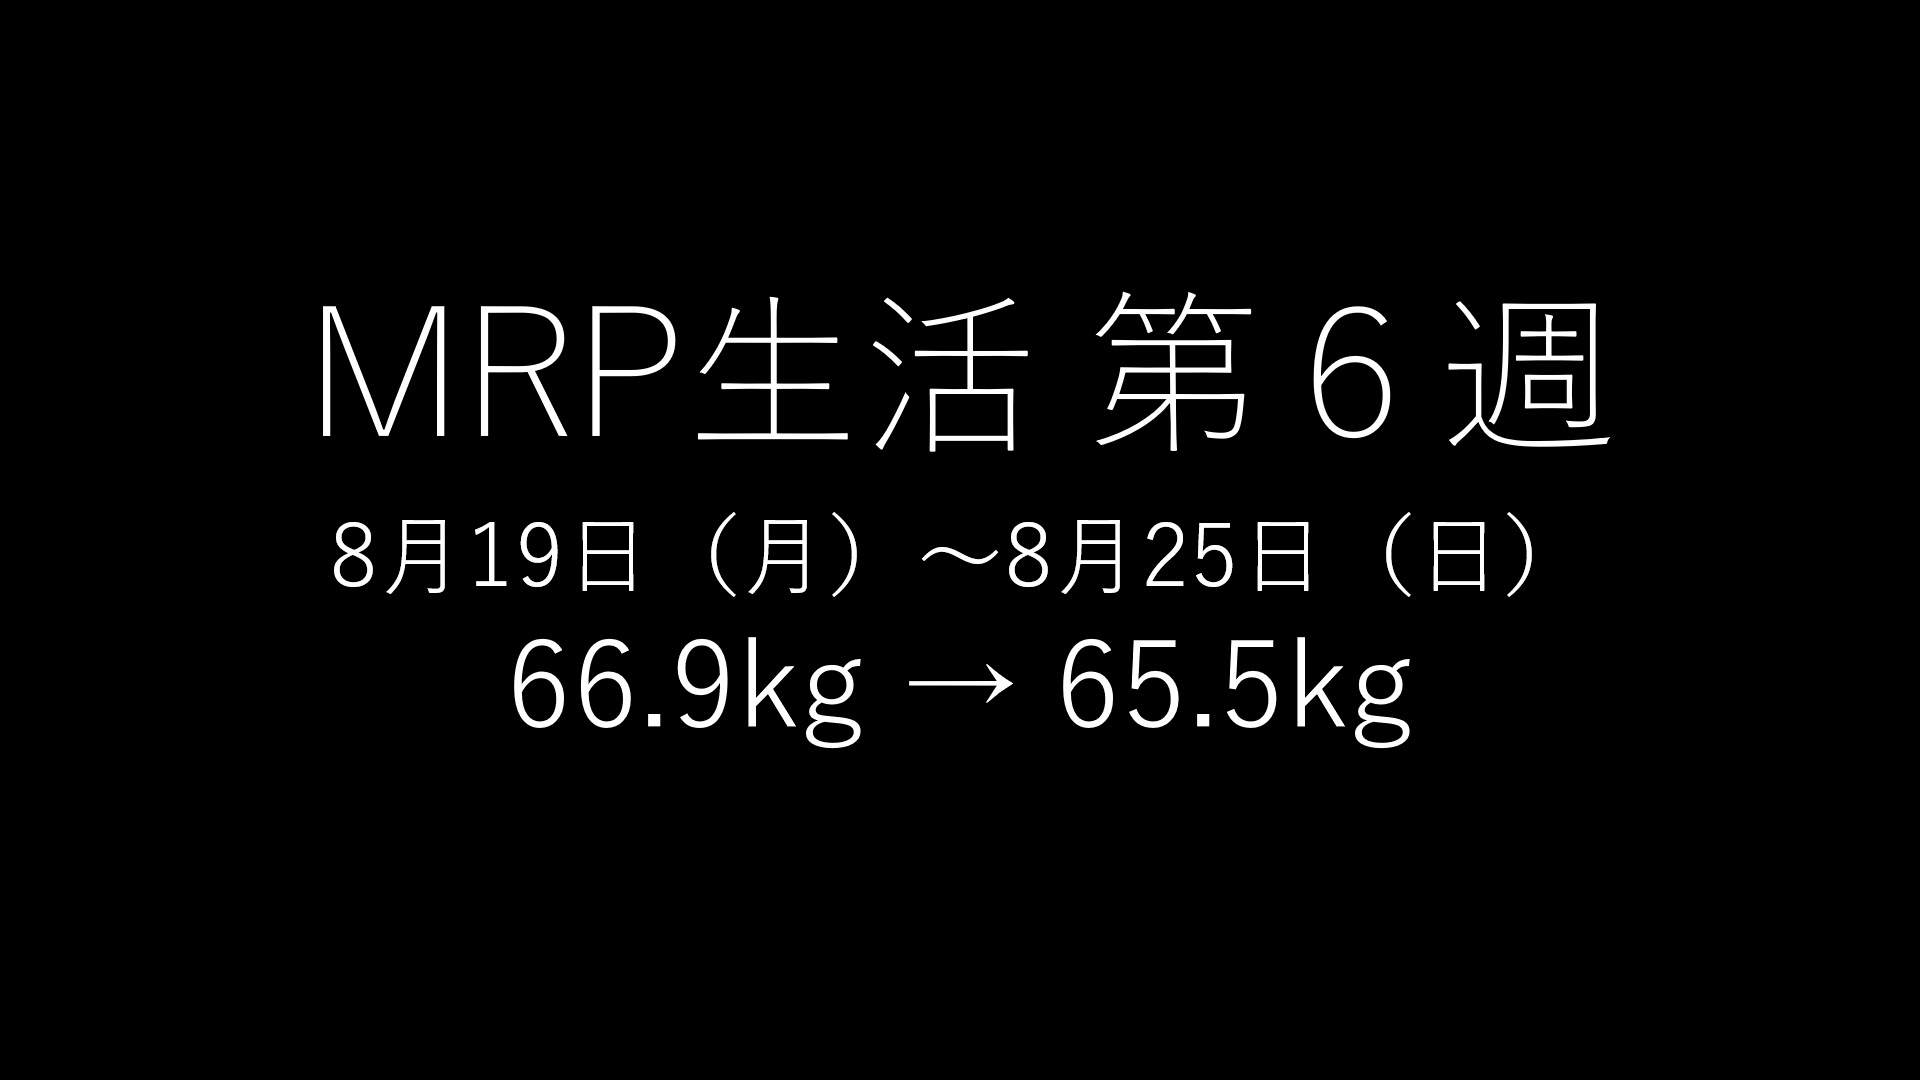 「基本的にMRPだけで生きてみる」第6回のアイキャッチ画像